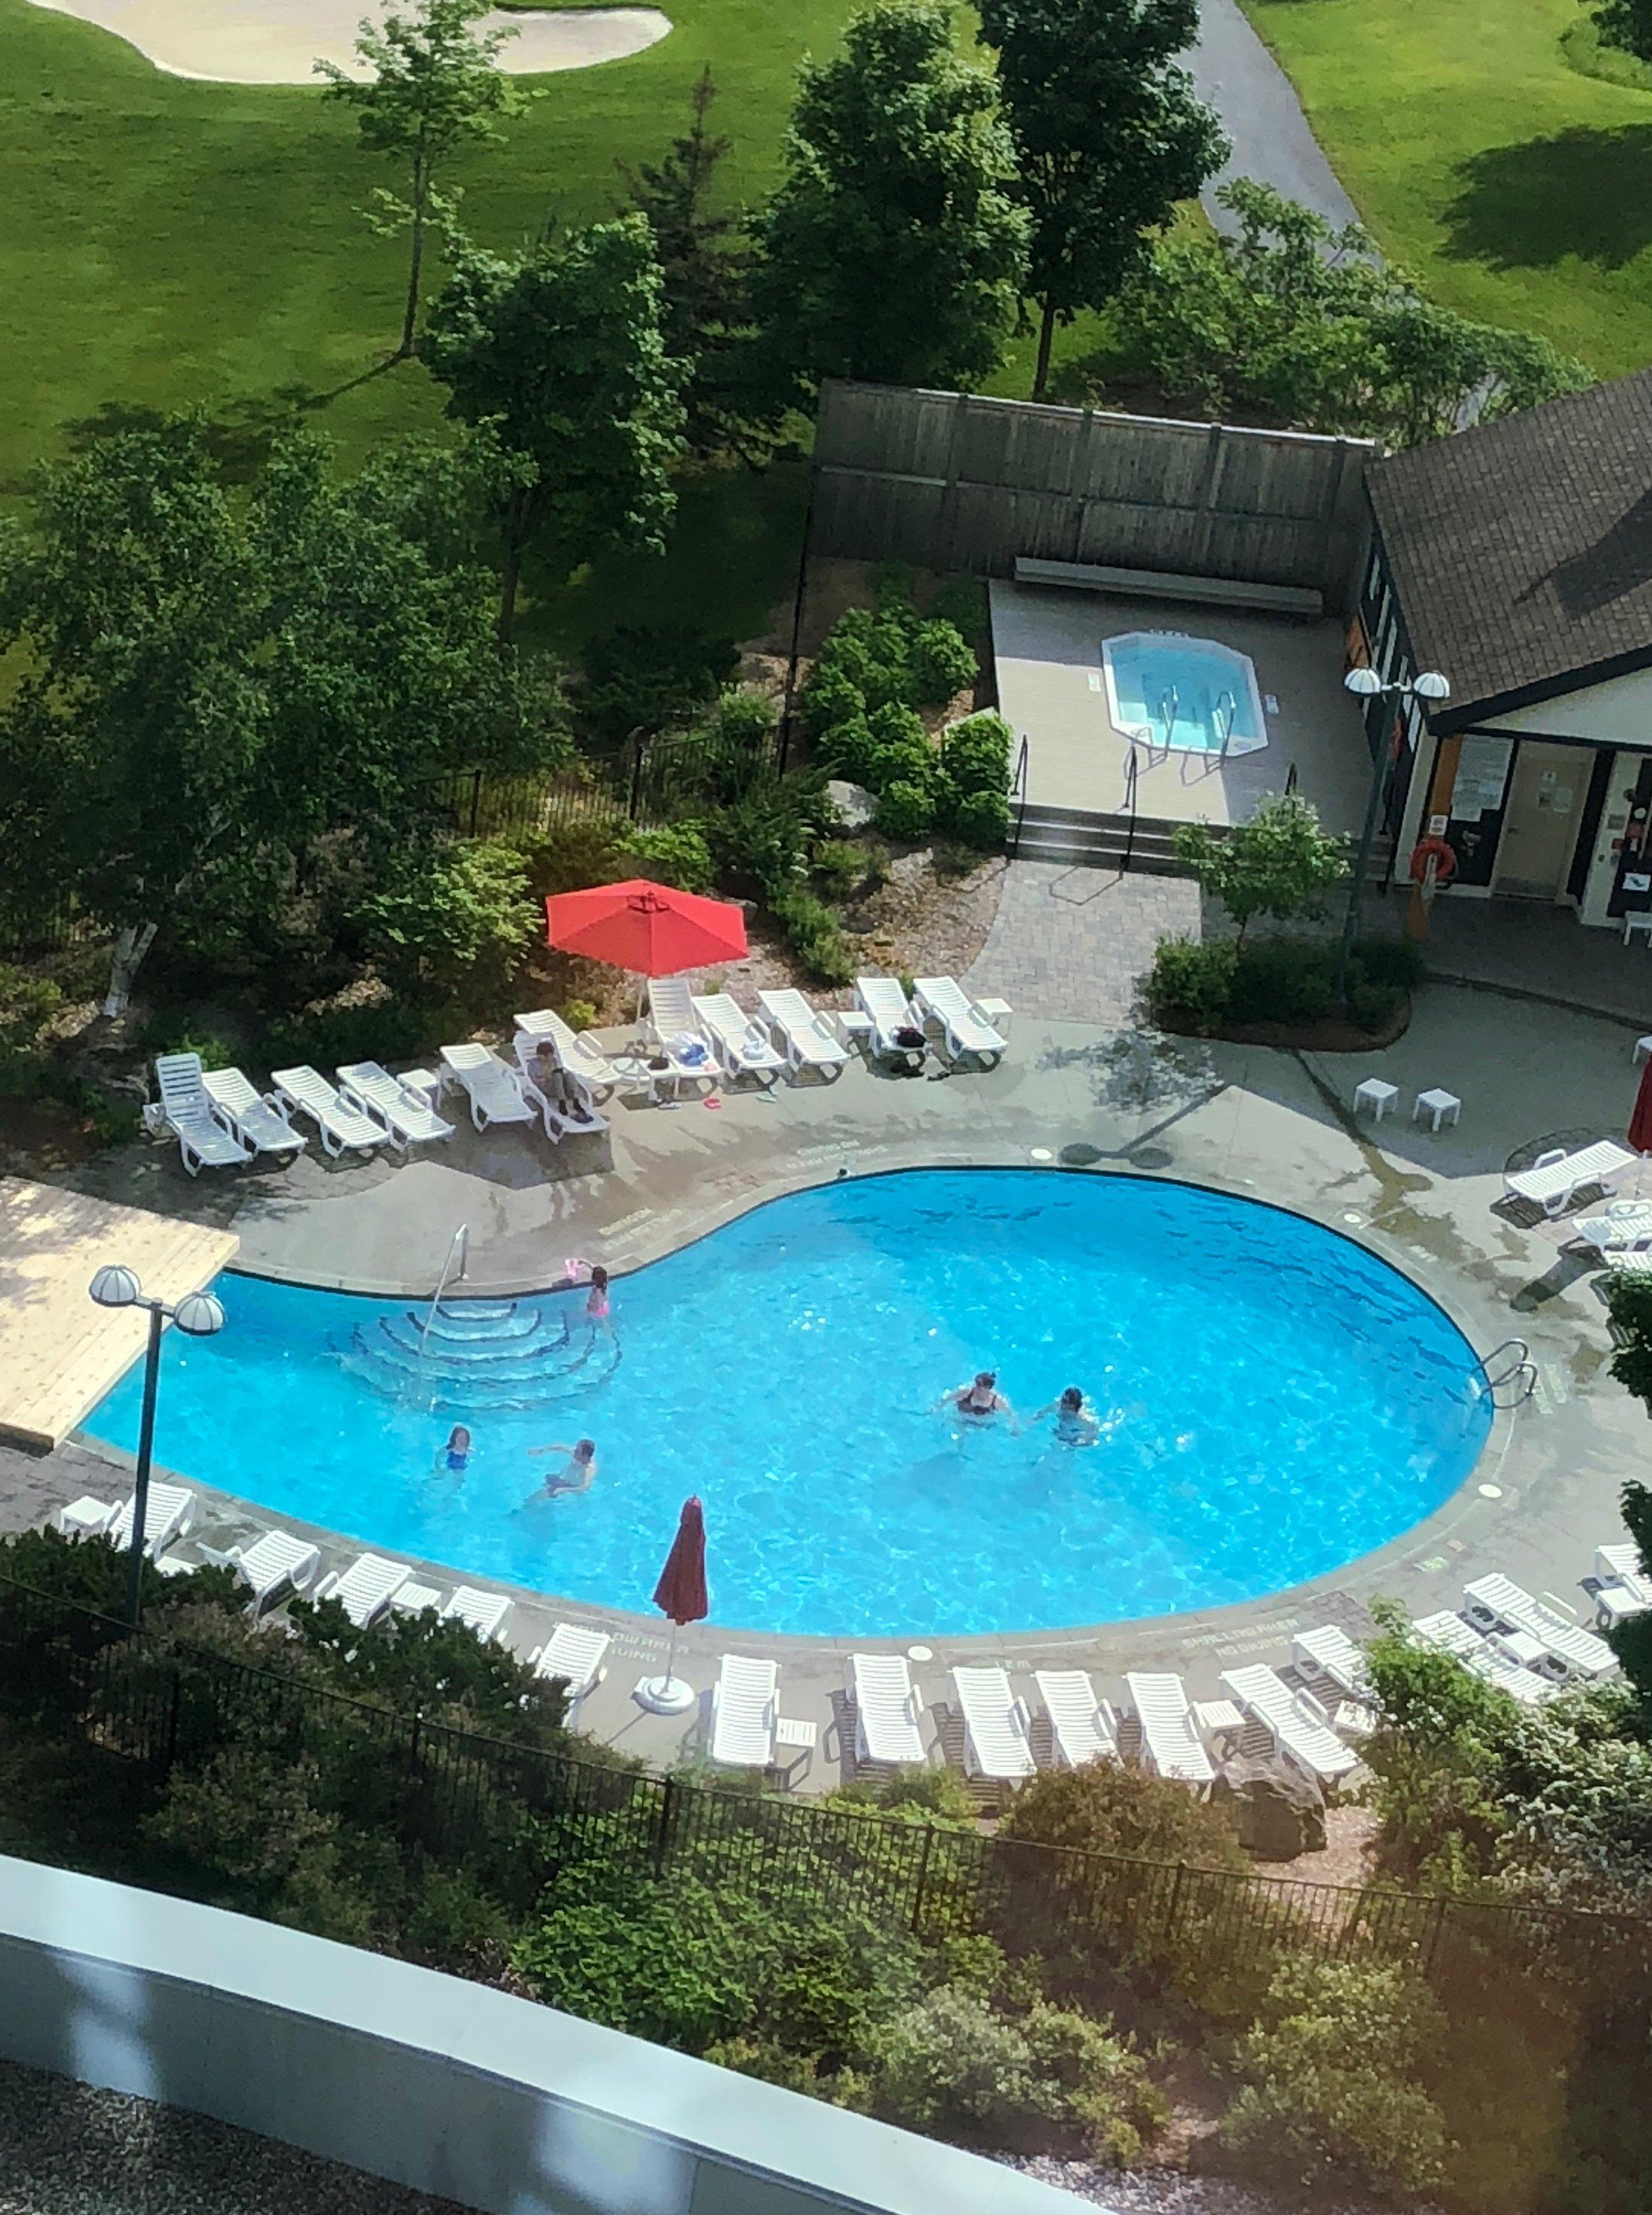 Brookstreet Hotel Pools